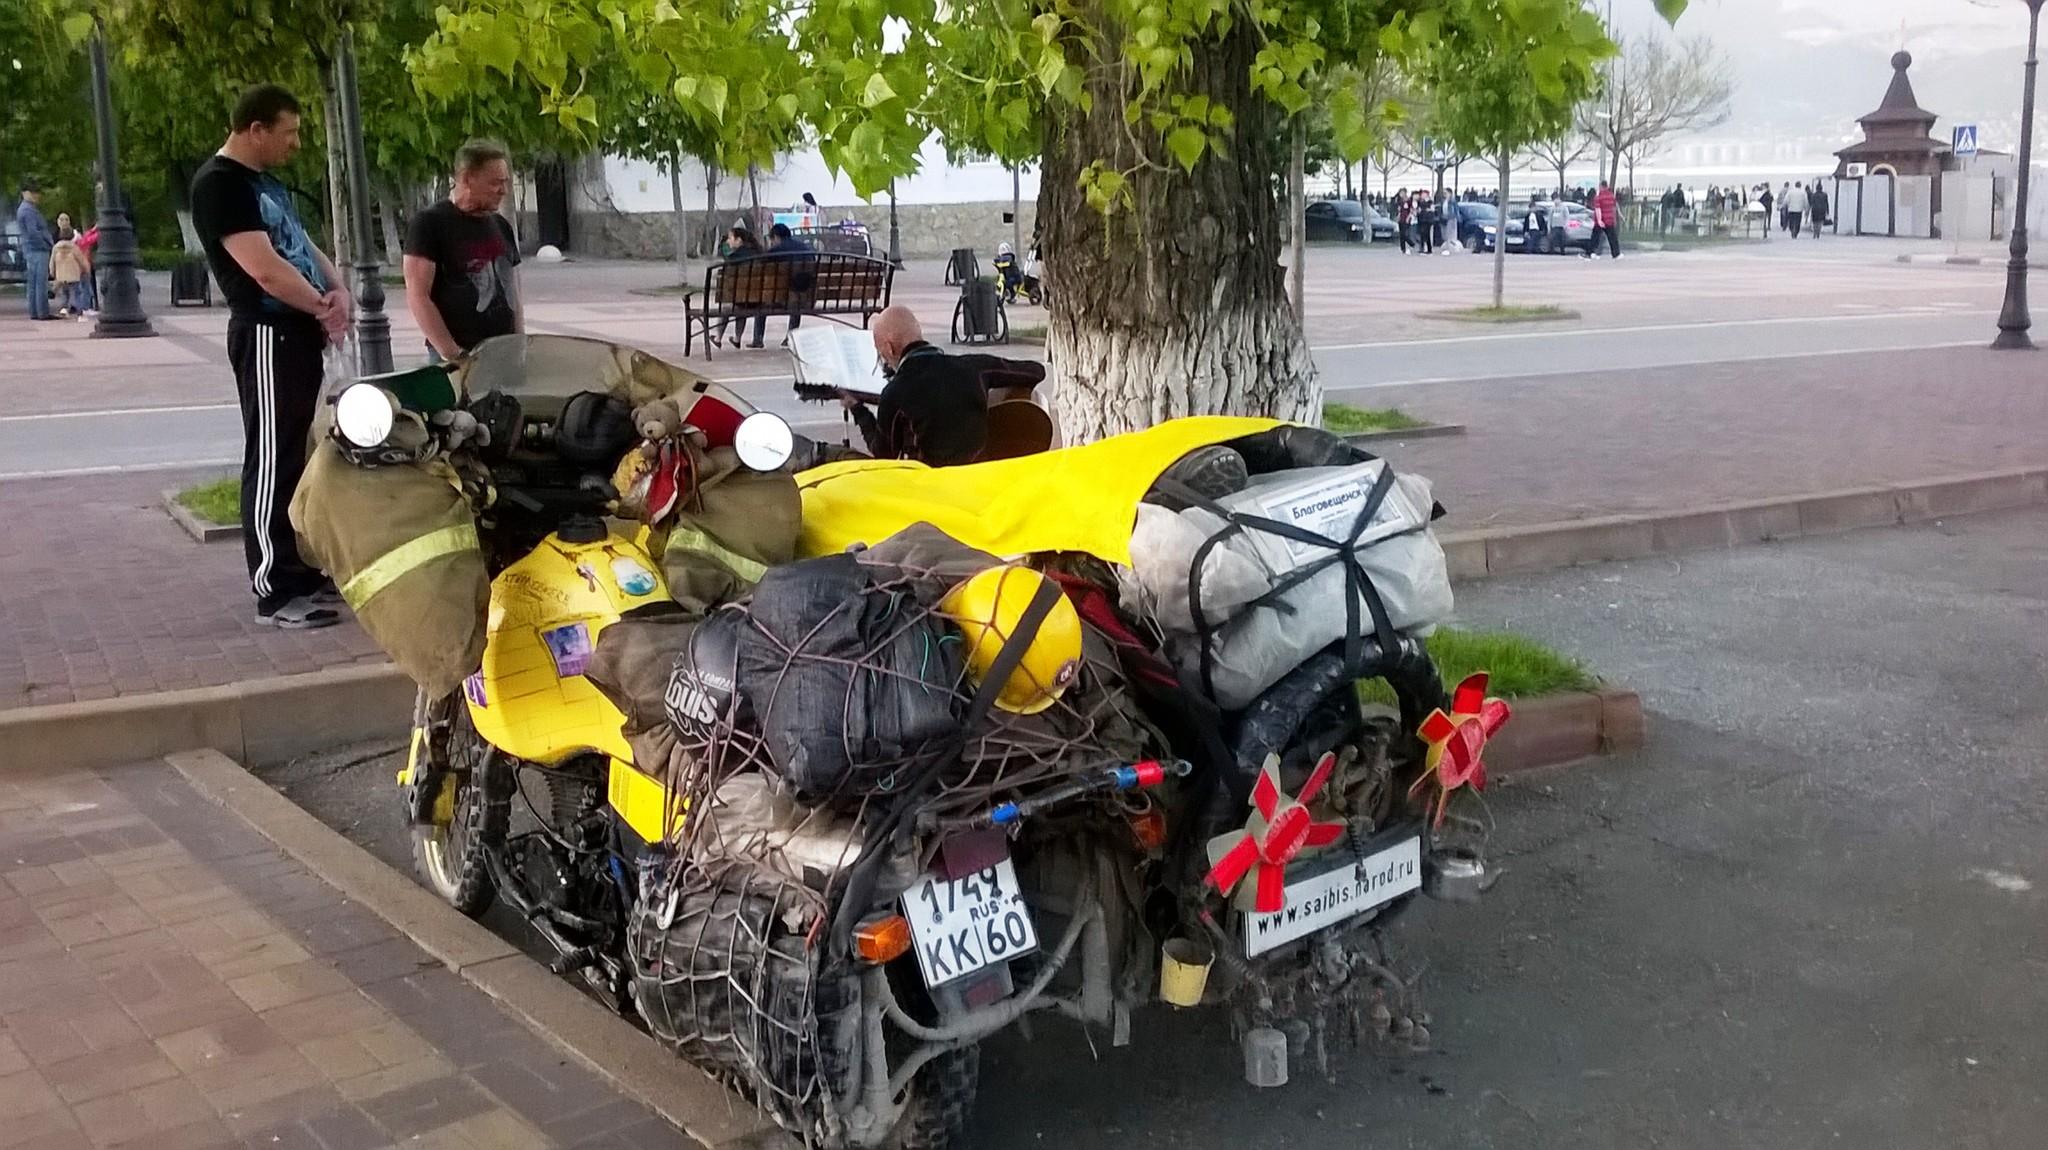 Весьма нагруженный мотоцикл